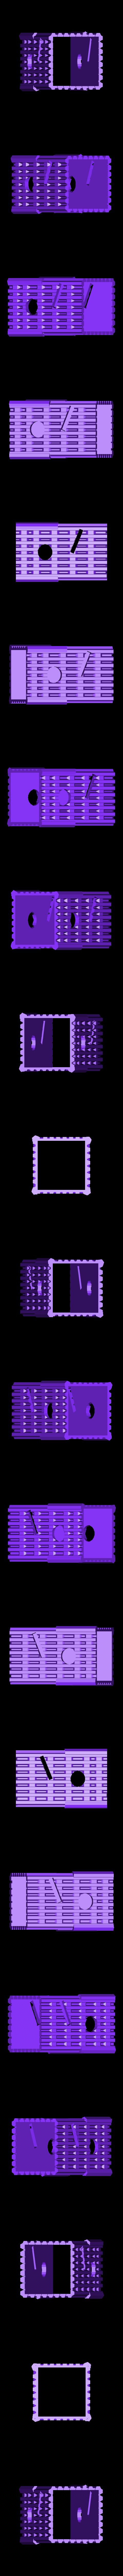 BigBen_Body.stl Télécharger fichier STL gratuit Big Ben Dice Tower • Objet pour imprimante 3D, mrhers2